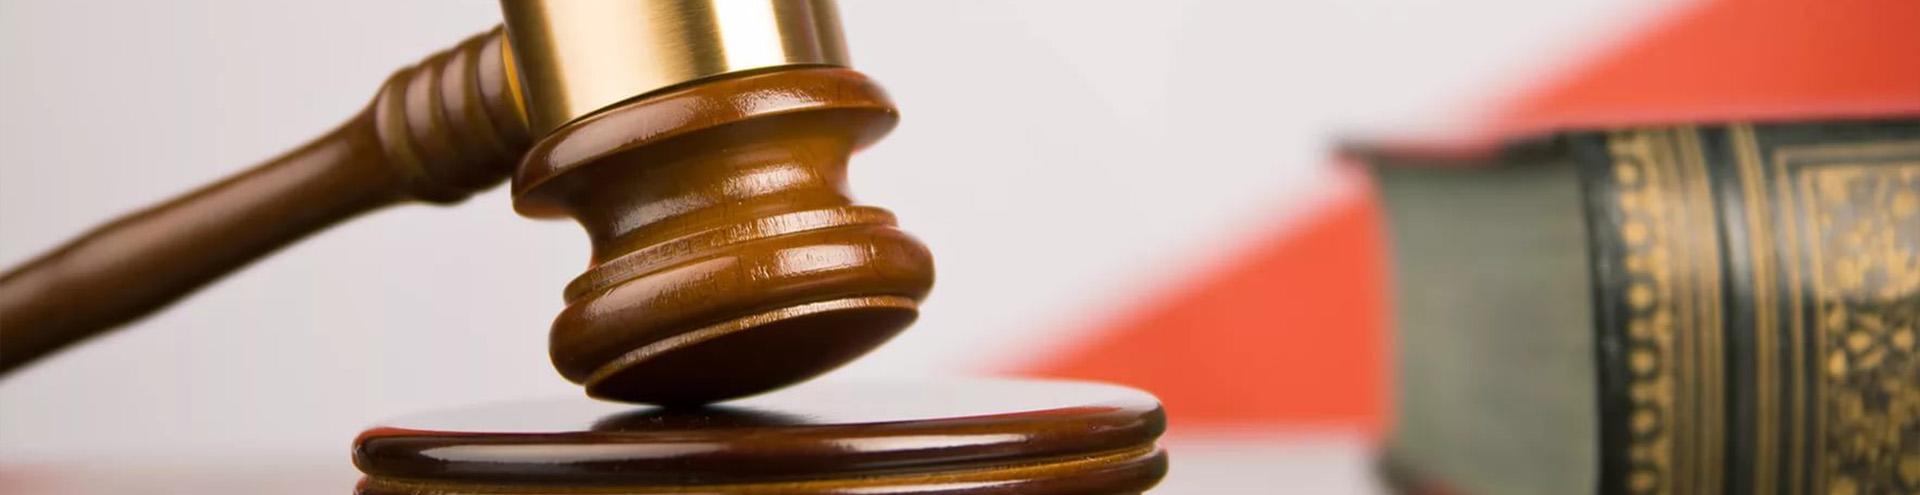 выдача судебного приказа в Твери и Тверской области